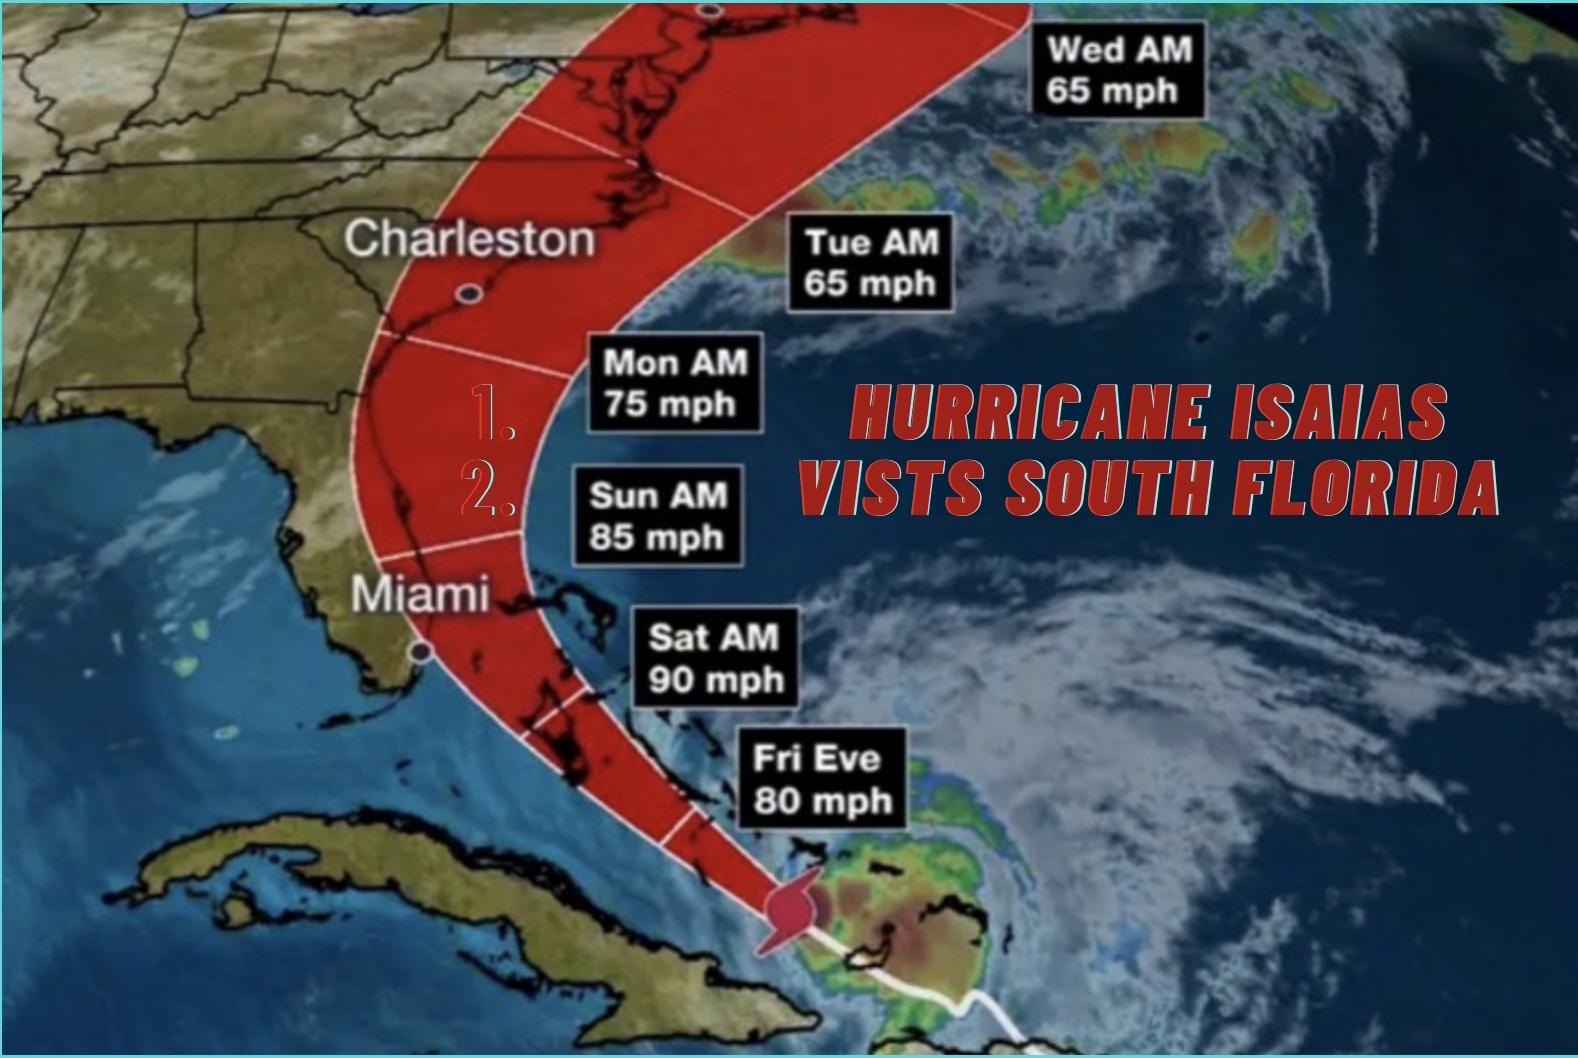 Hurricane Isalas visits South Florida